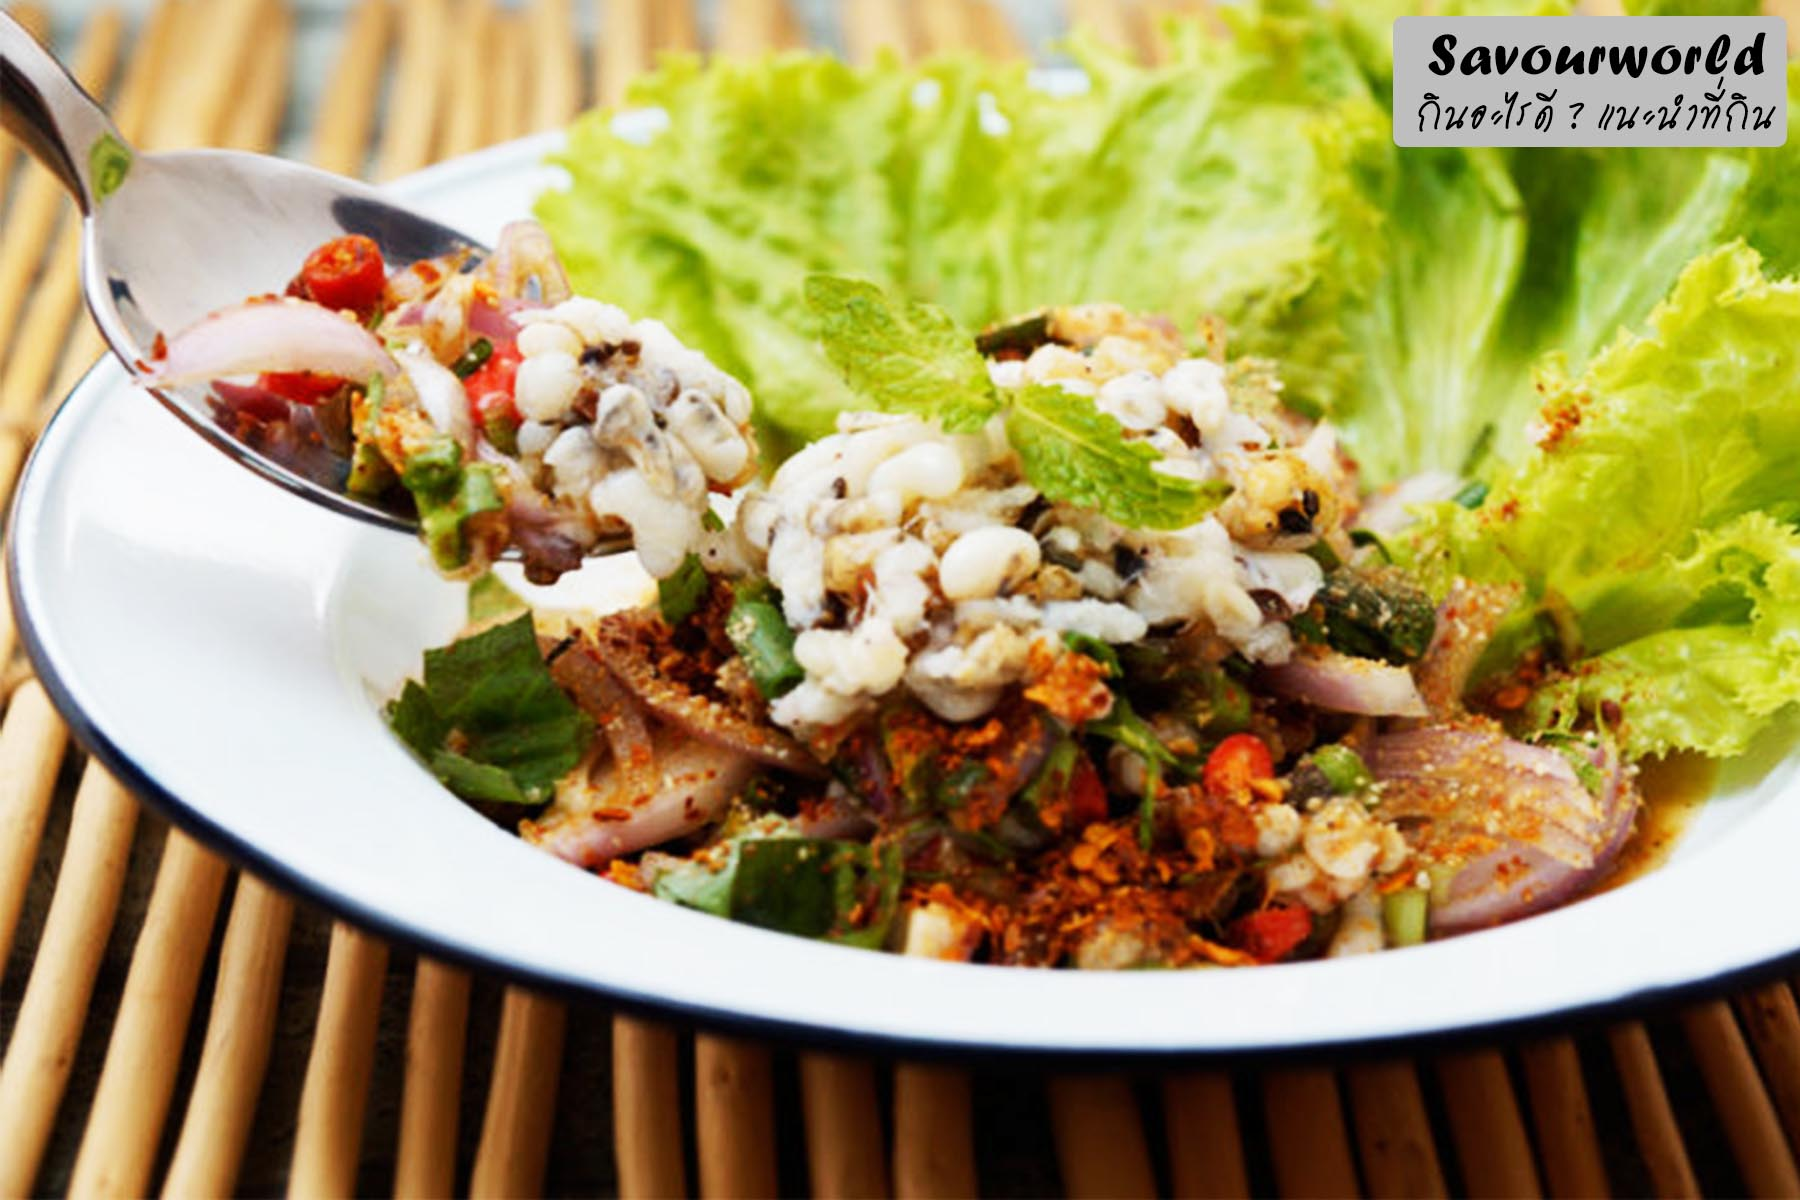 ยำไข่มดแดง อาหารยอดฮิตของภาคอีสาน และภาคเหนือ - savourworld.com